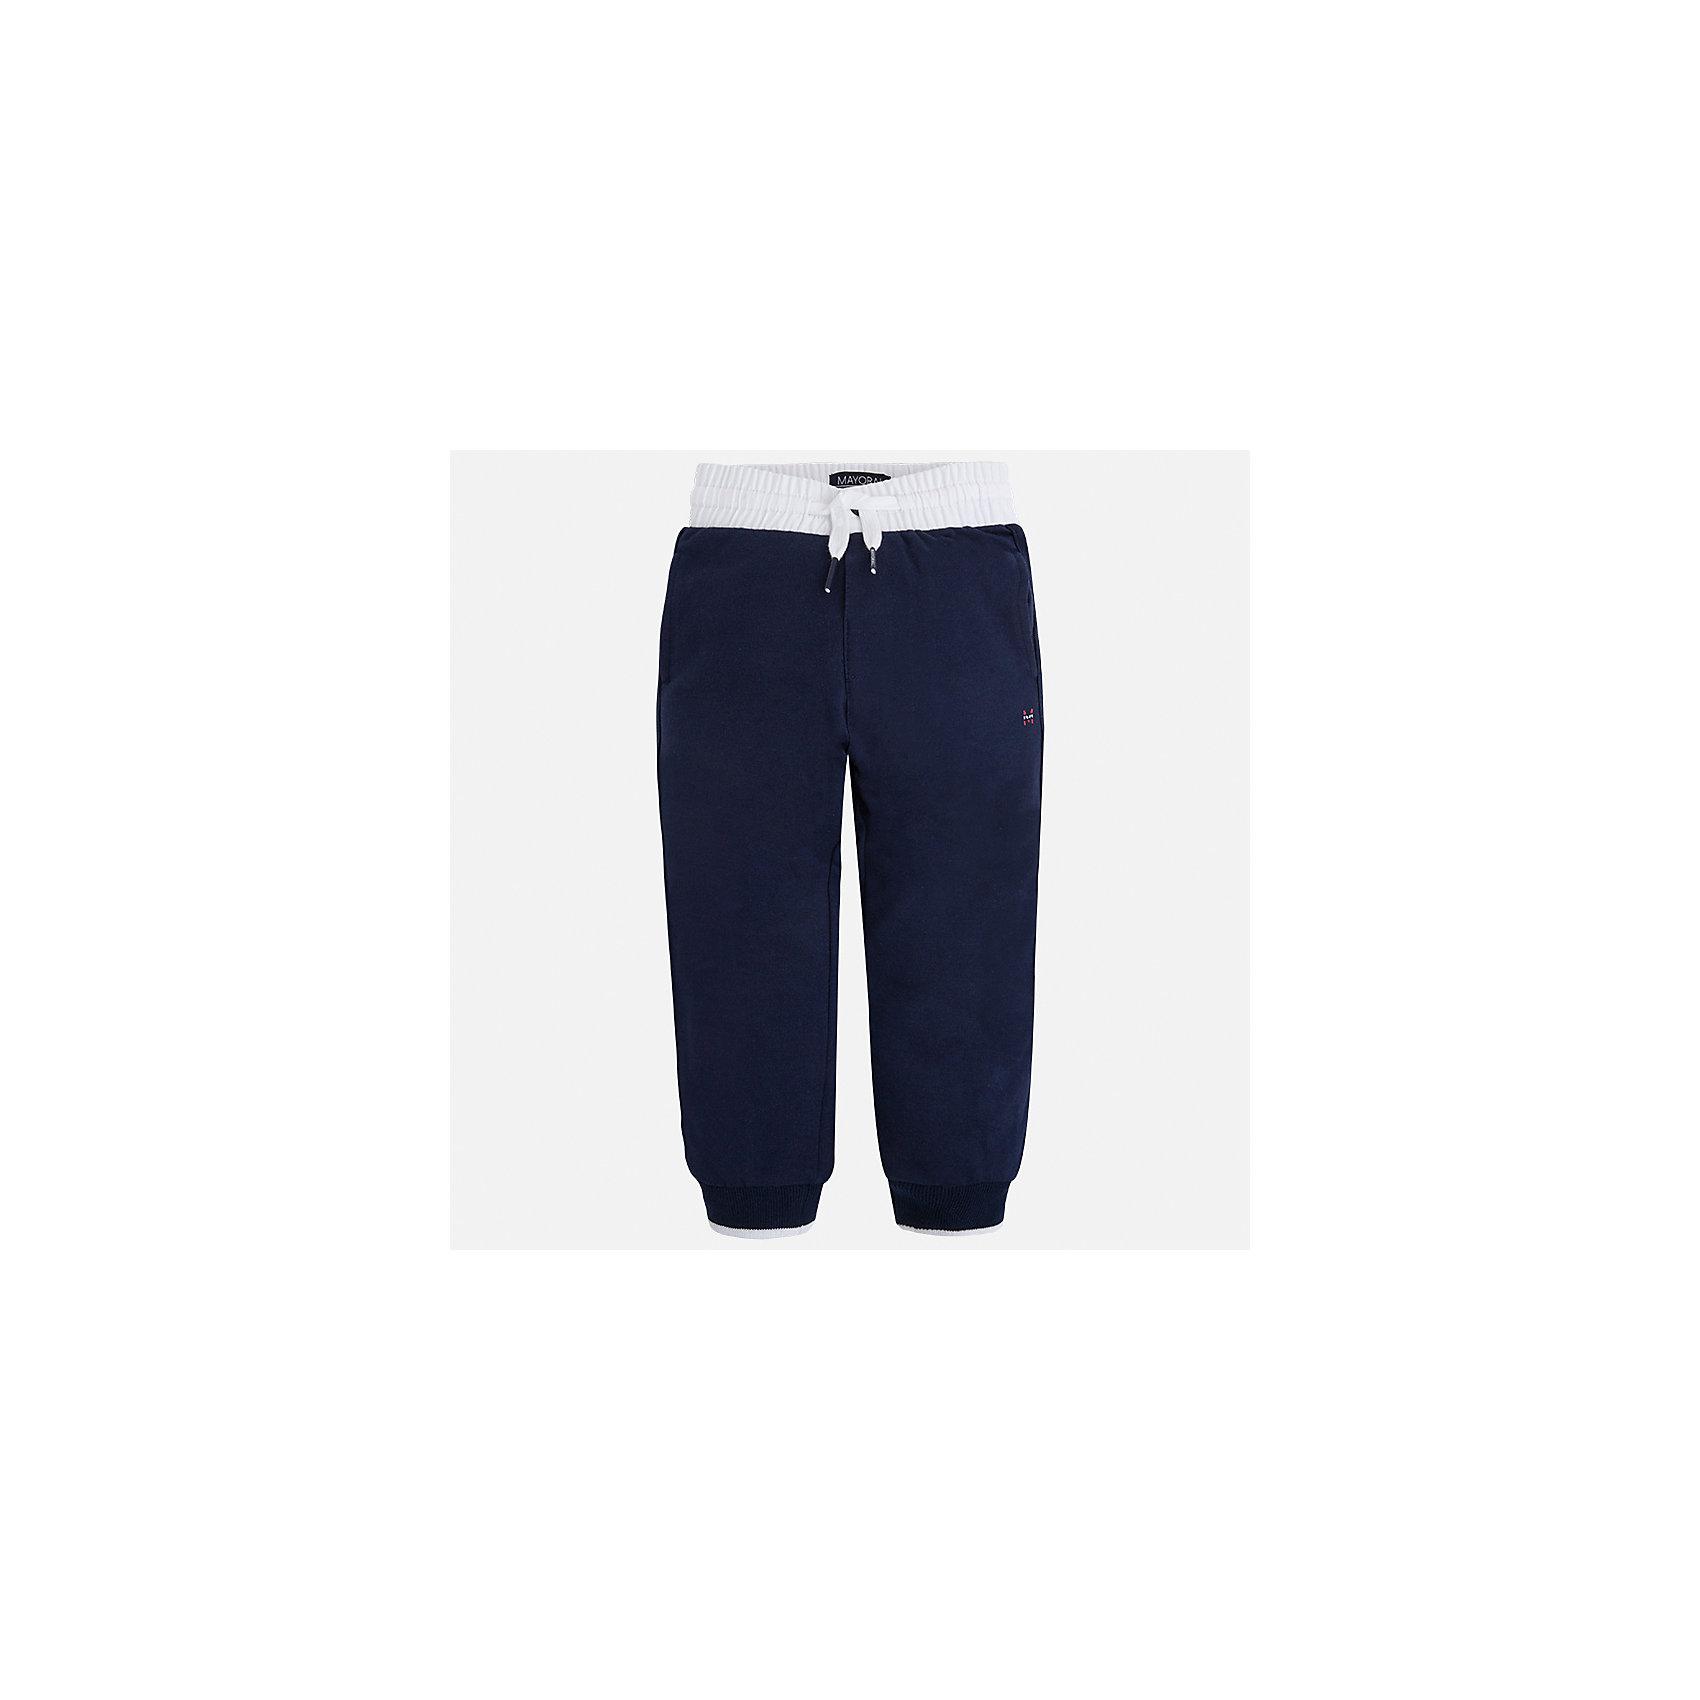 Брюки для мальчика MayoralШорты, бриджи, капри<br>Характеристики товара:<br><br>• цвет: синий<br>• состав: 60% хлопок, 40% полиэстер<br>• манжеты<br>• карманы<br>• пояс - широкая резинка и шнурок<br>• страна бренда: Испания<br><br>Спортивные брюки для мальчика помогут обеспечить ребенку комфорт. Они отлично сочетаются с майками, футболками, куртками и т.д. Универсальный крой и цвет позволяет подобрать к вещи верх разных расцветок. Практичное и стильное изделие! В составе материала - натуральный хлопок, гипоаллергенный, приятный на ощупь, дышащий.<br><br>Одежда, обувь и аксессуары от испанского бренда Mayoral полюбились детям и взрослым по всему миру. Модели этой марки - стильные и удобные. Для их производства используются только безопасные, качественные материалы и фурнитура. Порадуйте ребенка модными и красивыми вещами от Mayoral! <br><br>Брюки для мальчика от испанского бренда Mayoral (Майорал) можно купить в нашем интернет-магазине.<br><br>Ширина мм: 215<br>Глубина мм: 88<br>Высота мм: 191<br>Вес г: 336<br>Цвет: синий<br>Возраст от месяцев: 72<br>Возраст до месяцев: 84<br>Пол: Мужской<br>Возраст: Детский<br>Размер: 122,92,98,110,128,134,116,104<br>SKU: 4071435